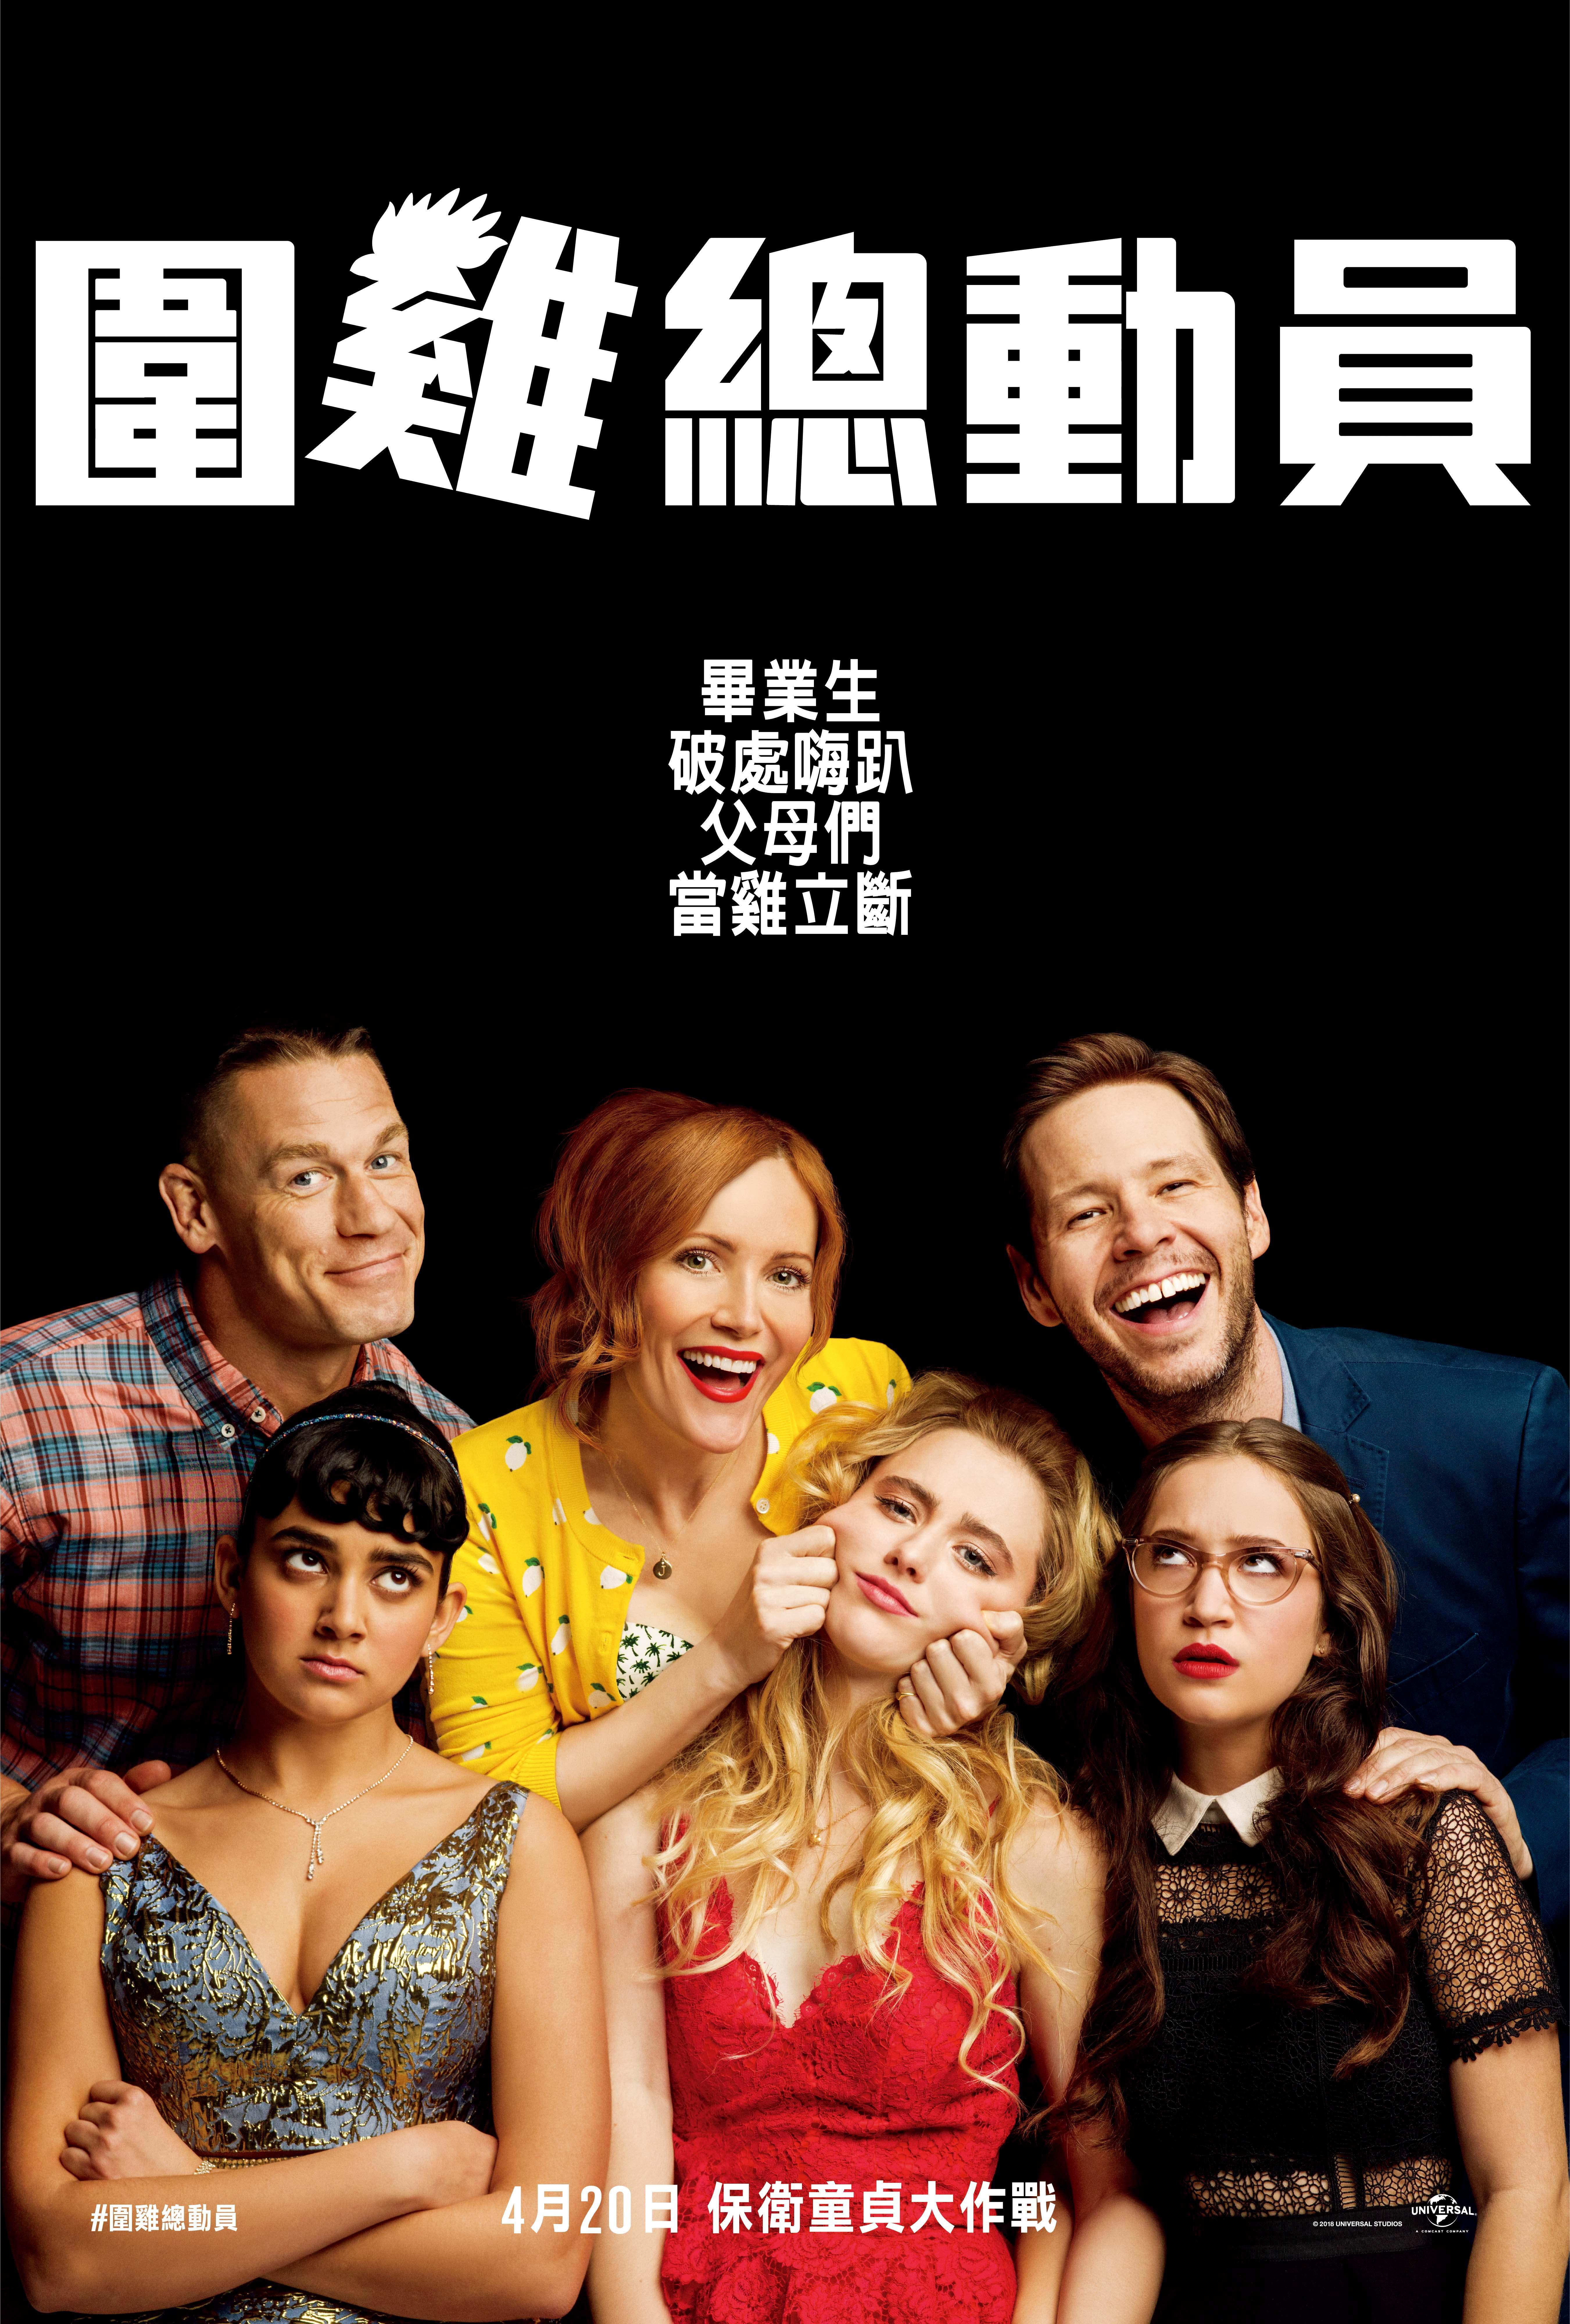 【圍雞總動員Blockers】台灣片名翻譯最神!三名家長怎麼阻止女兒破處?